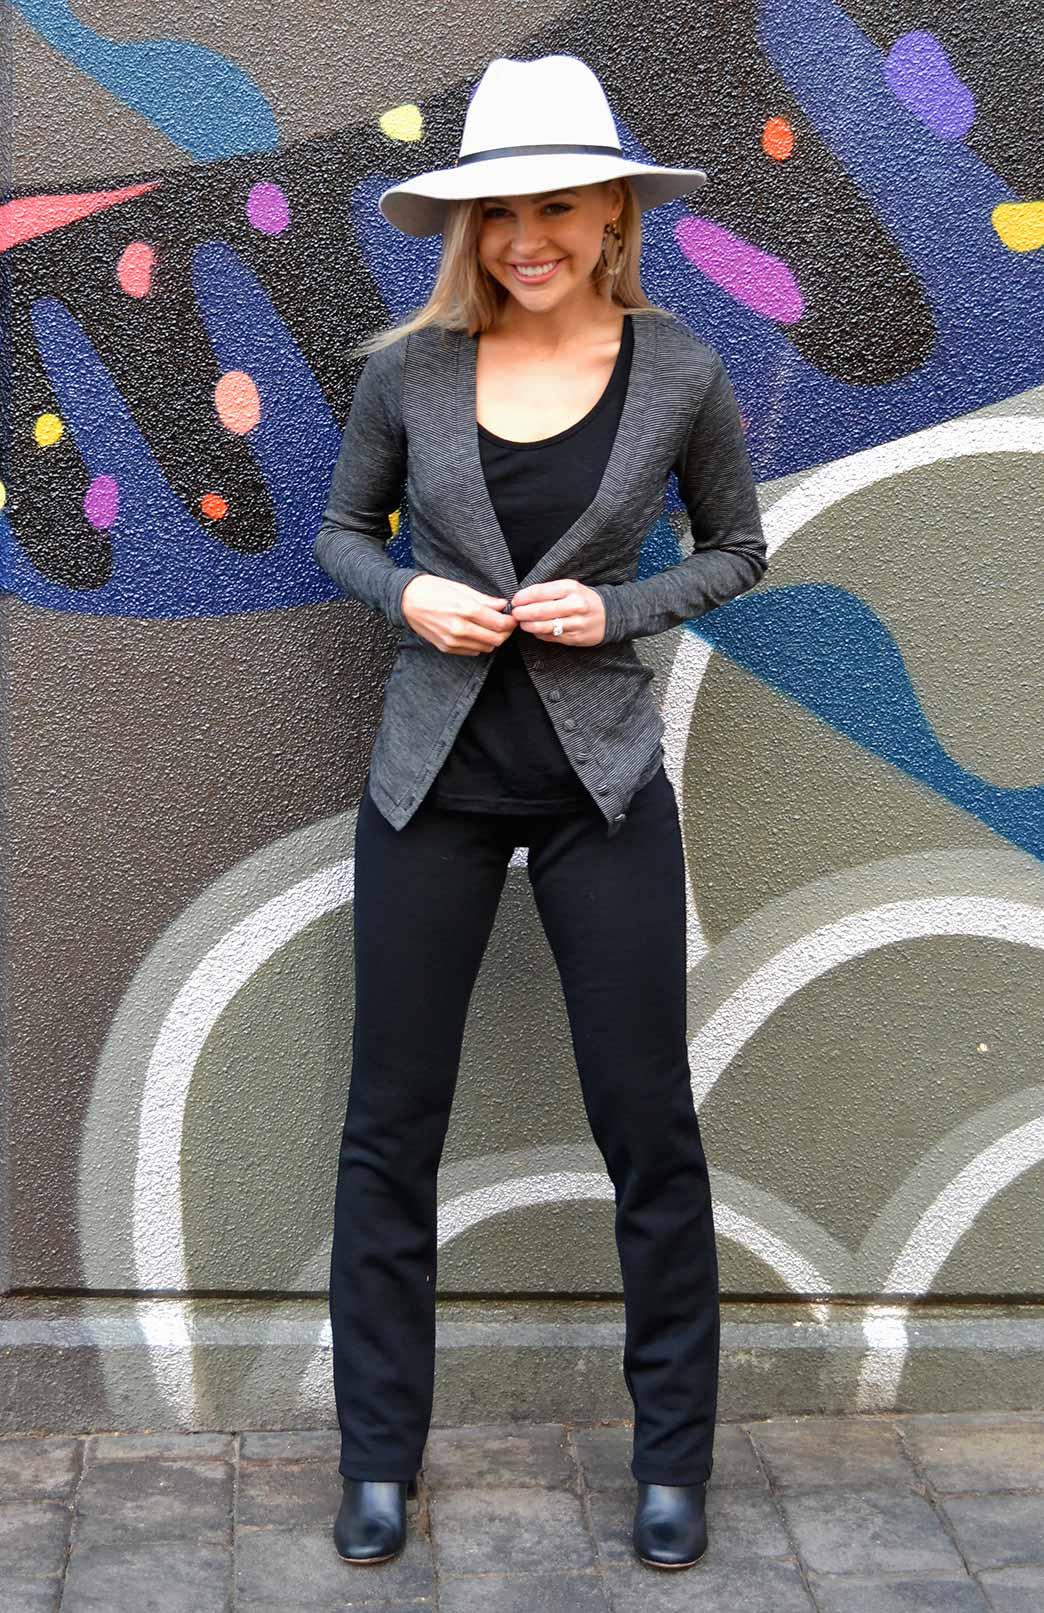 Straight Leg Pants - Heavyweight (~360g) - Women's Heavyweight Wool Straight Leg Pants with wide waistband - Smitten Merino Tasmania Australia